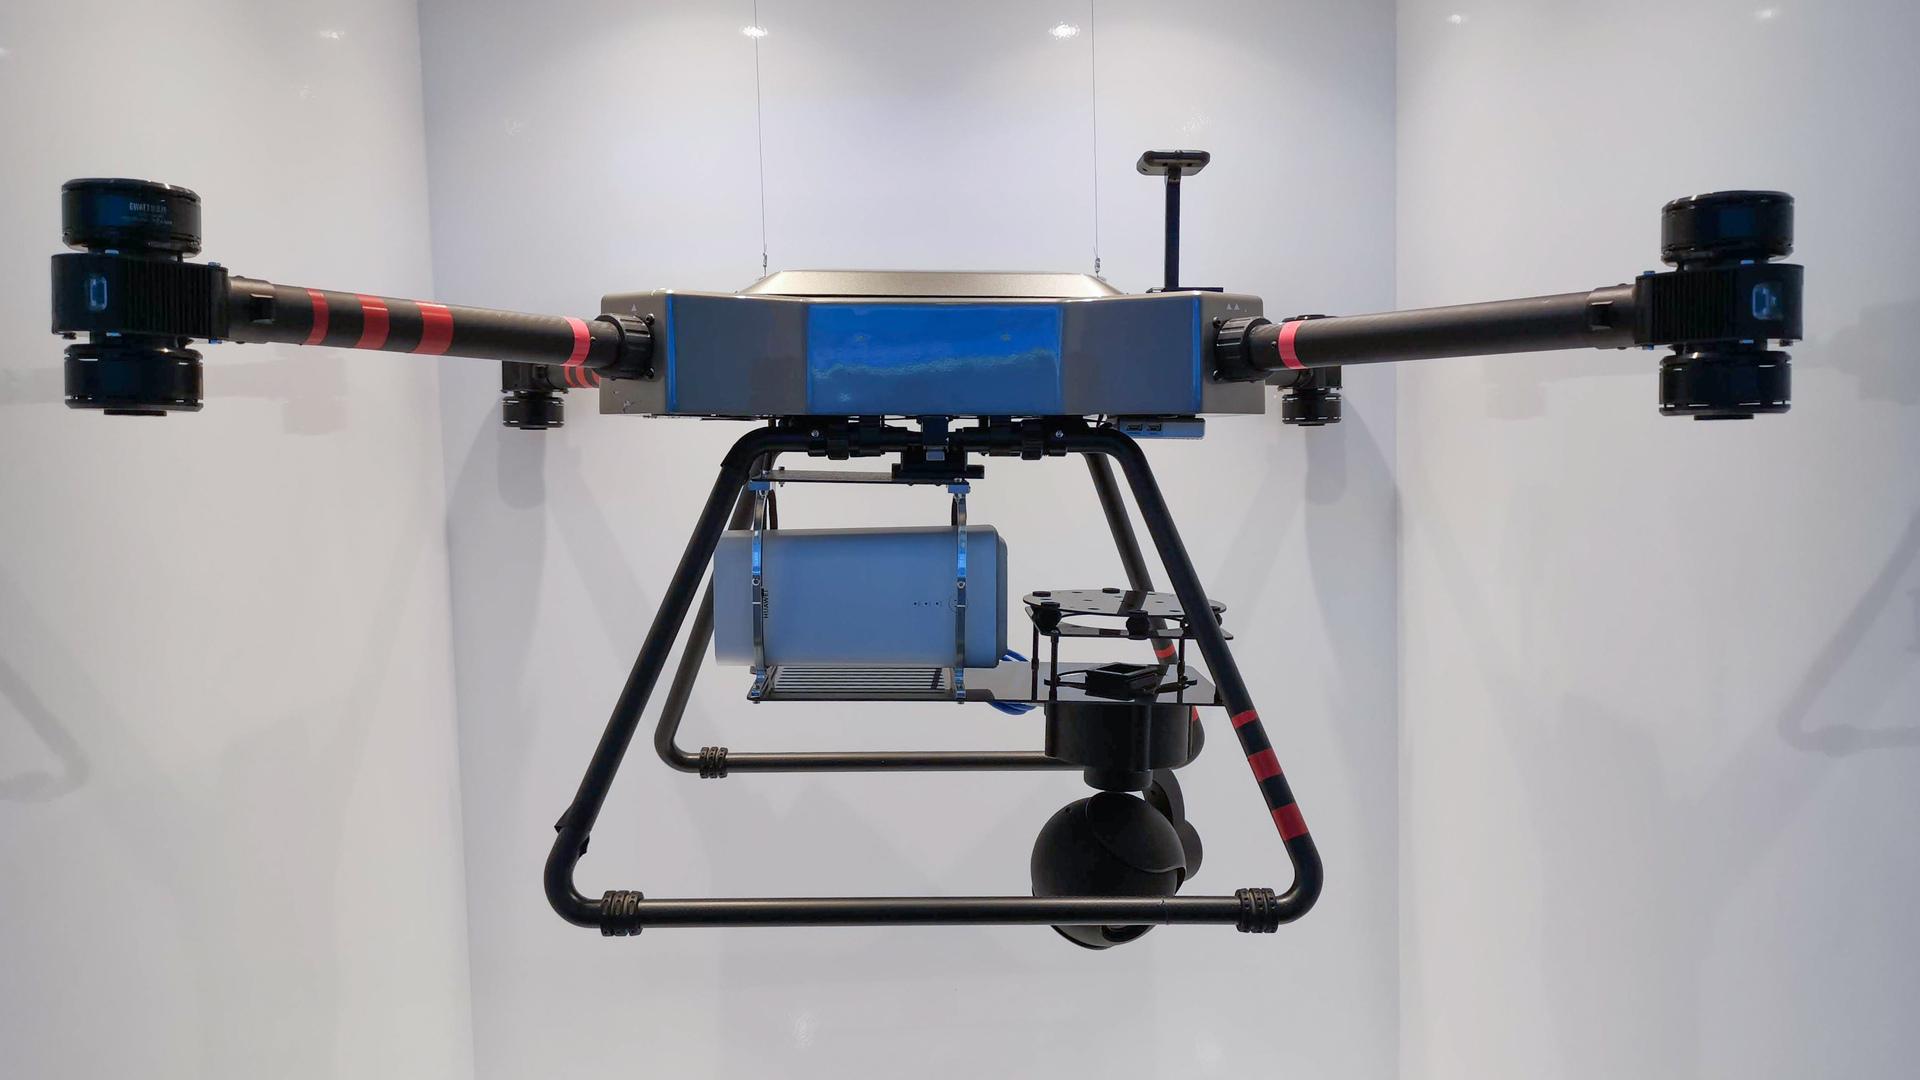 Huawei HQ 5G drone